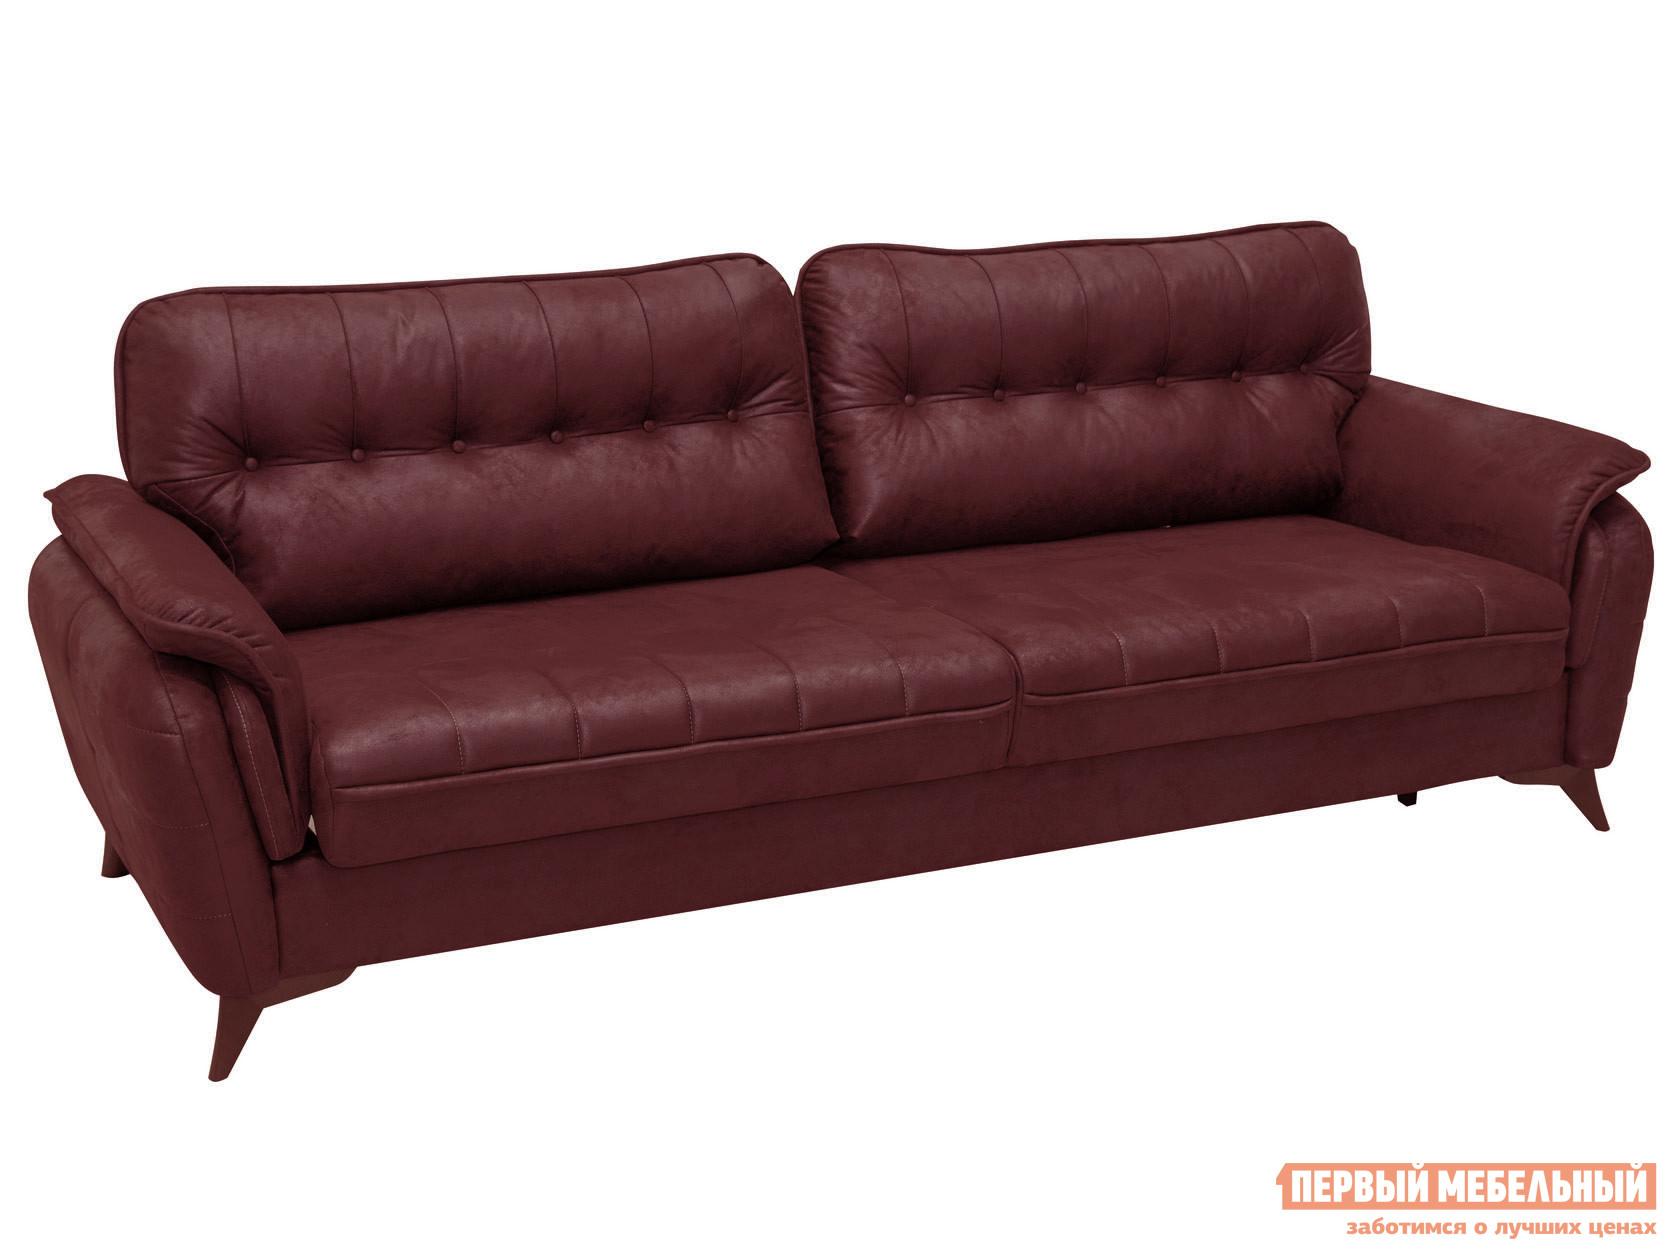 Прямой диван Первый Мебельный Дорис диван-кровать